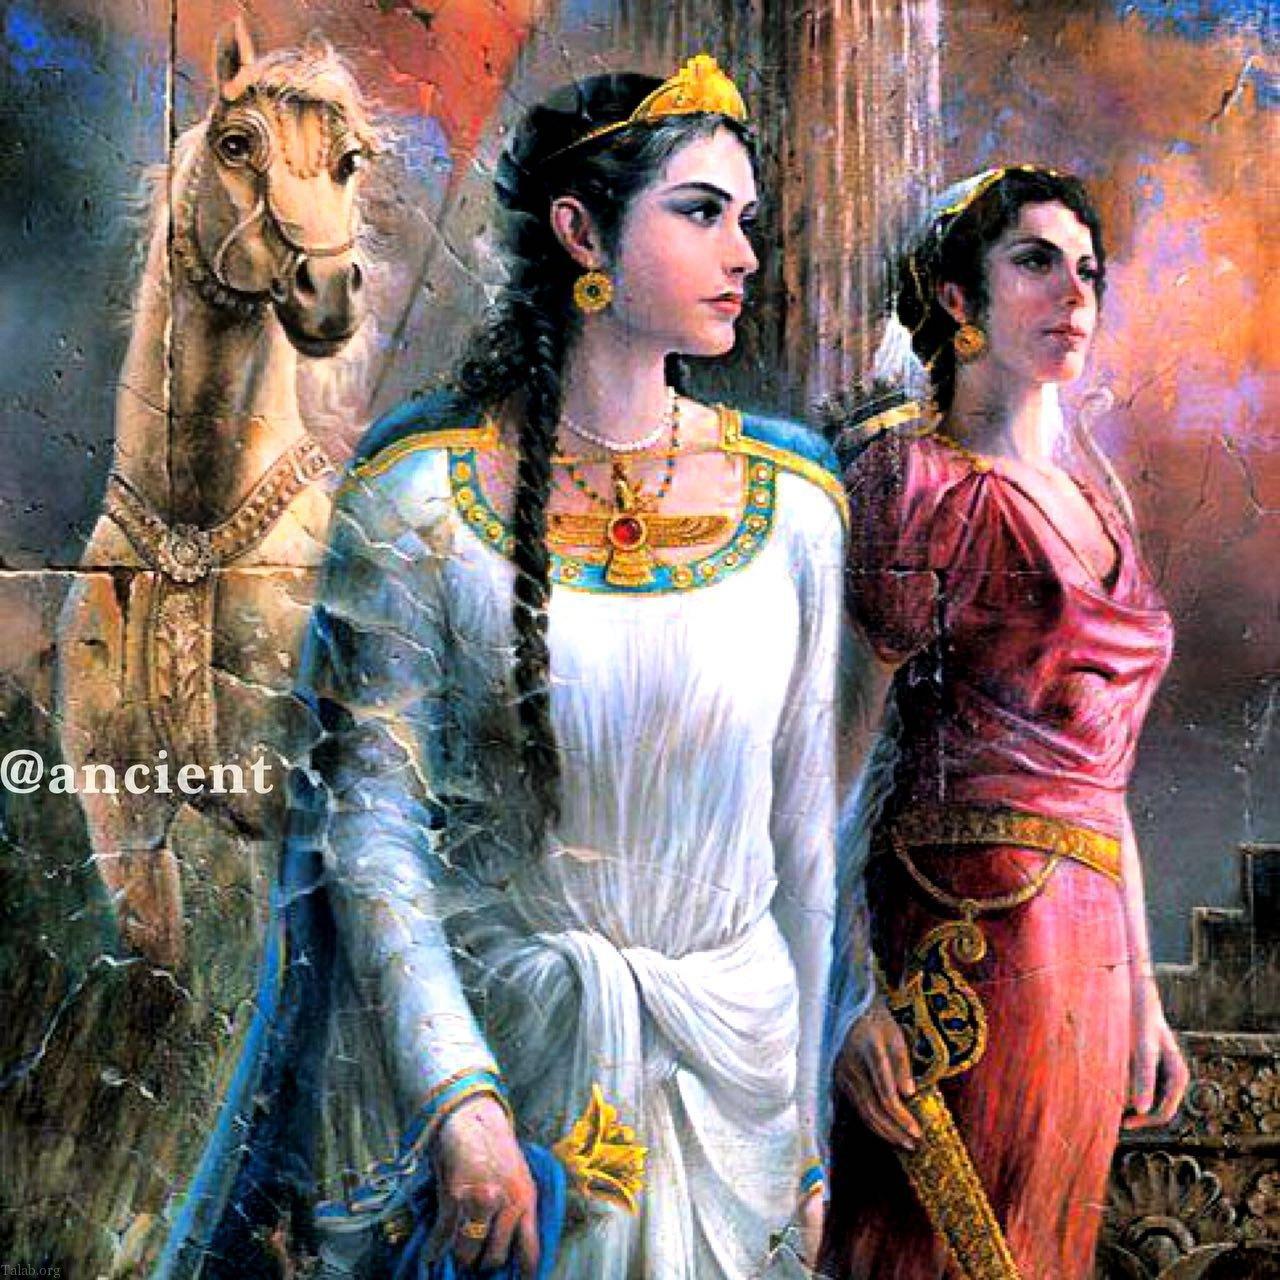 متن روز دختر | اس ام اس تبریک روز دختر و ولادت حضرت معصومه (س)